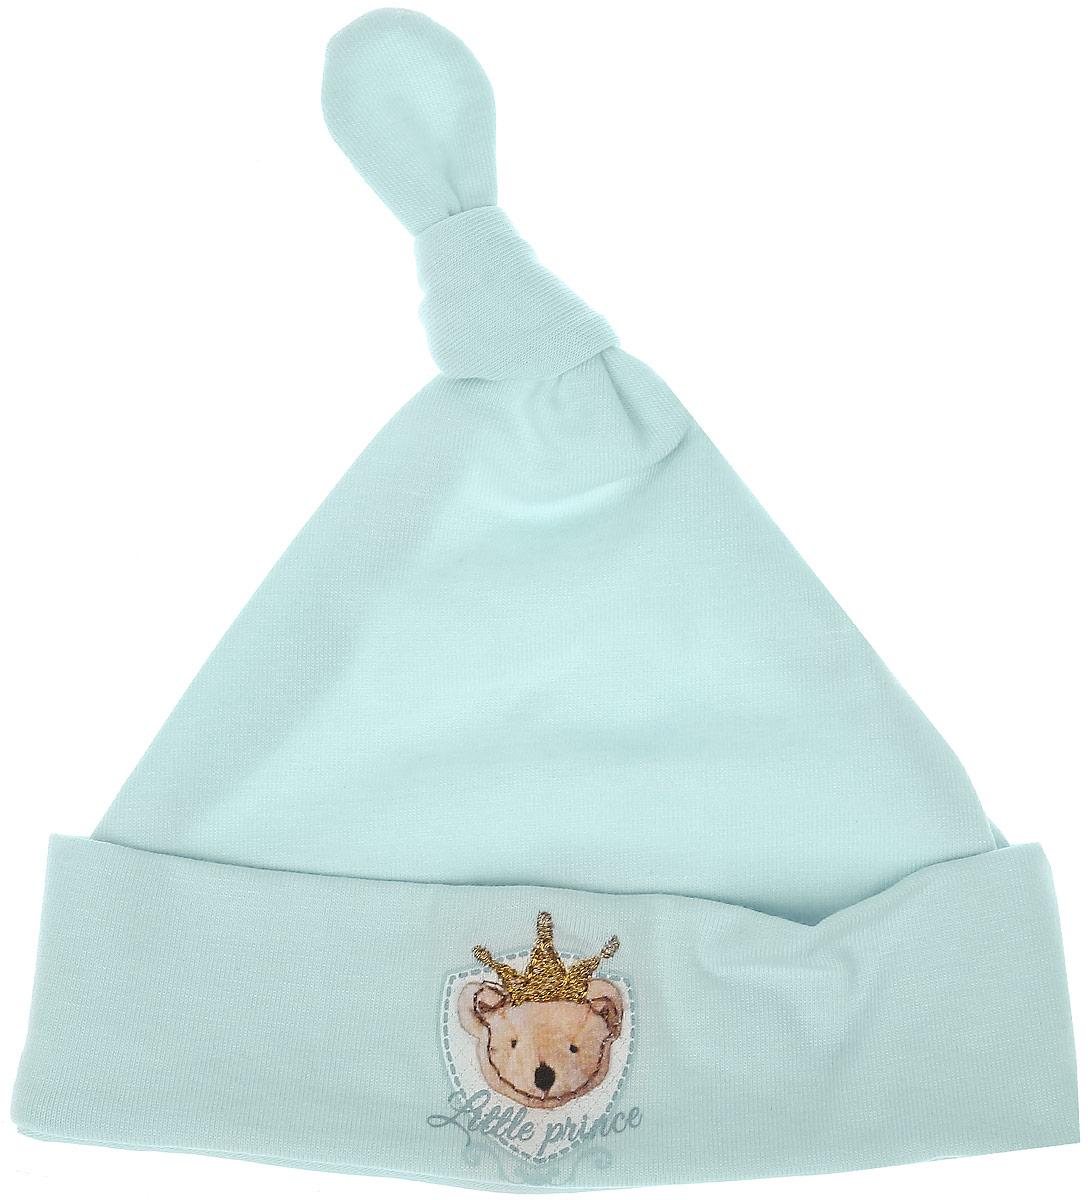 Шапочка для мальчика СовенокЯ Маленький принц, цвет: голубой. 34-598. Размер 6234-598Детская шапочка СовенокЯ изготовлена из натурального хлопка. Тонкая шапочка дополнена отворотом и длинным колпачком, завязанным в узел. Спереди имеется нашивка в виде мордочки мишки в короне. Уважаемые клиенты! Размер, доступный для заказа, является обхватом головы.